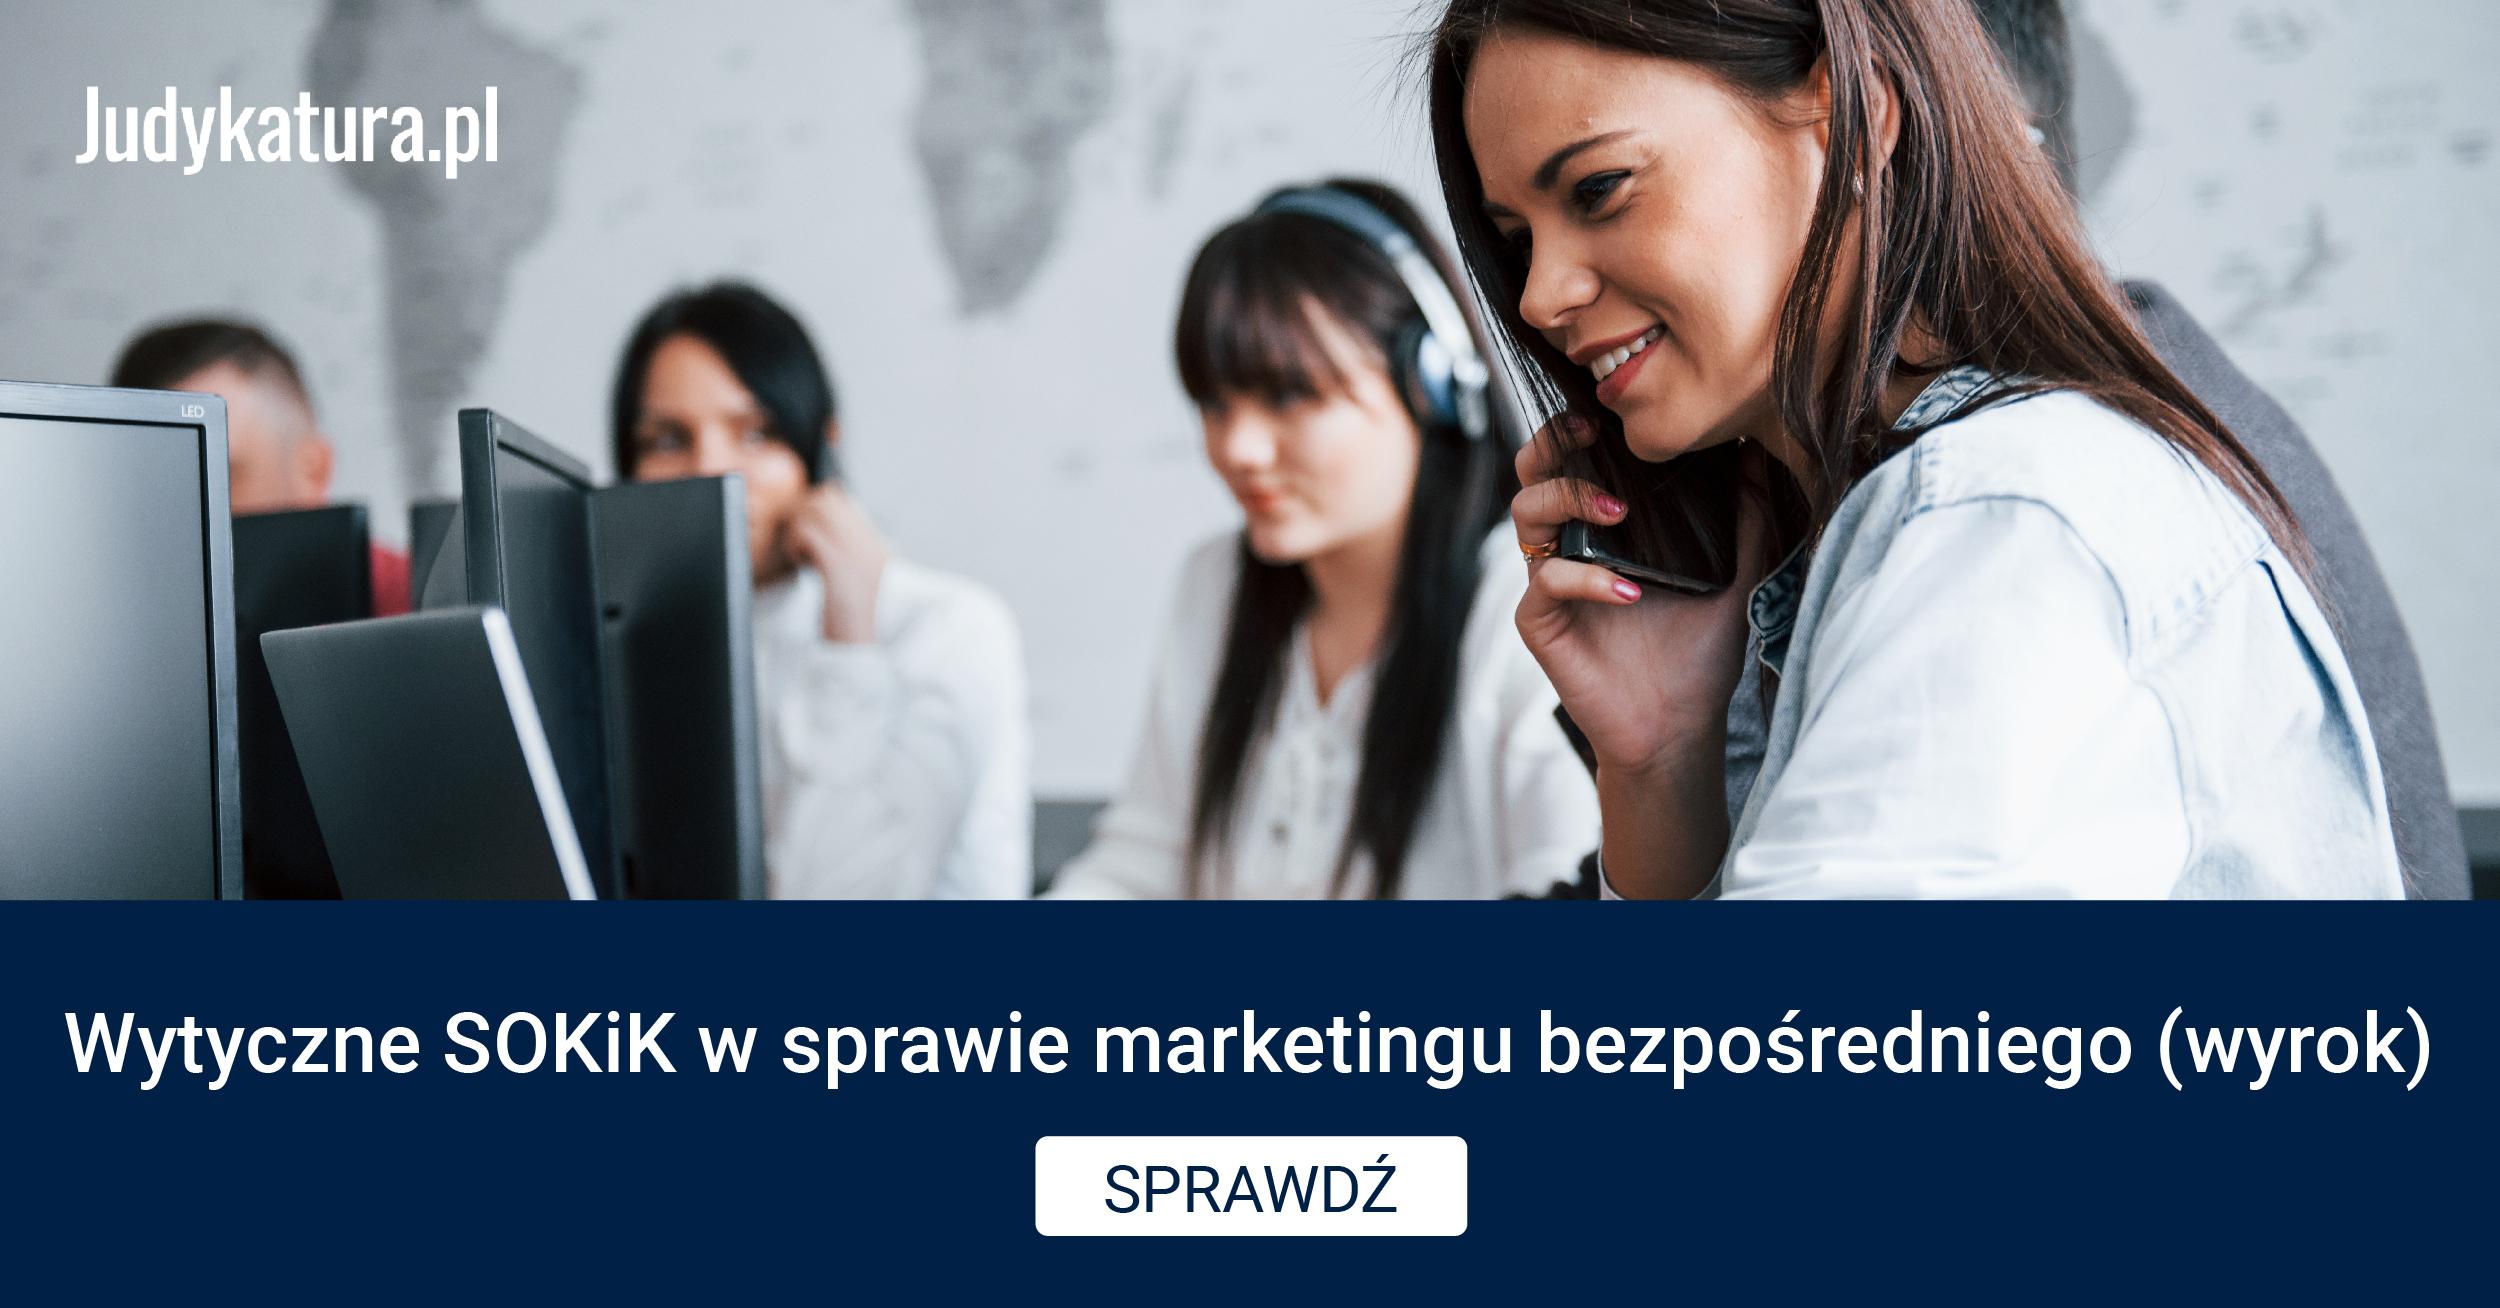 Wytyczne SOKiK wsprawie marketingu bezpośredniego (wyrok)